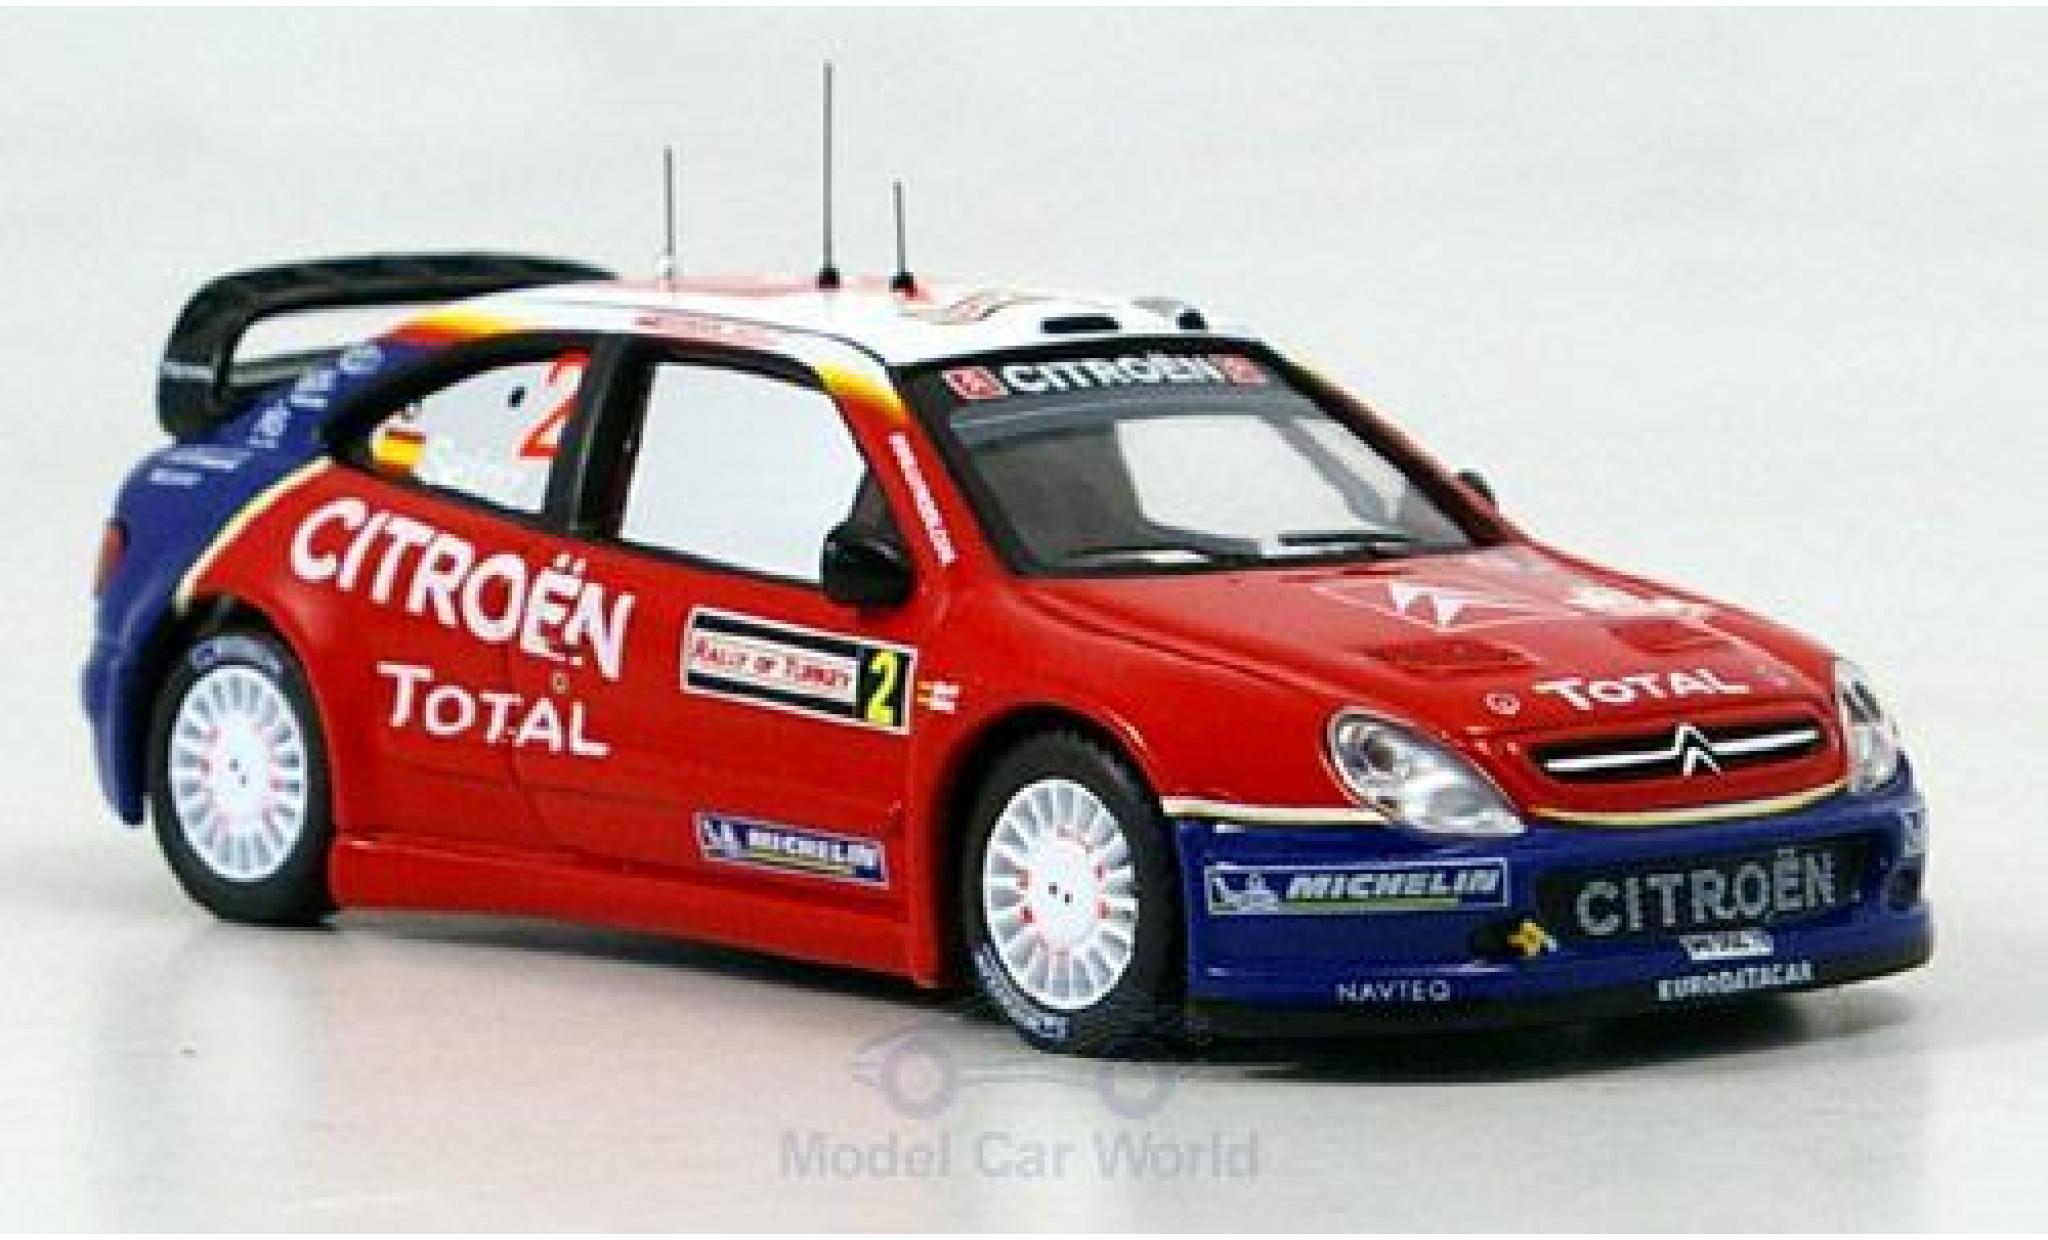 Citroen Xsara 1/43 IXO WRC No.2 Rallye WM Rally Türkei 2005 C.Sainz/L.Moya